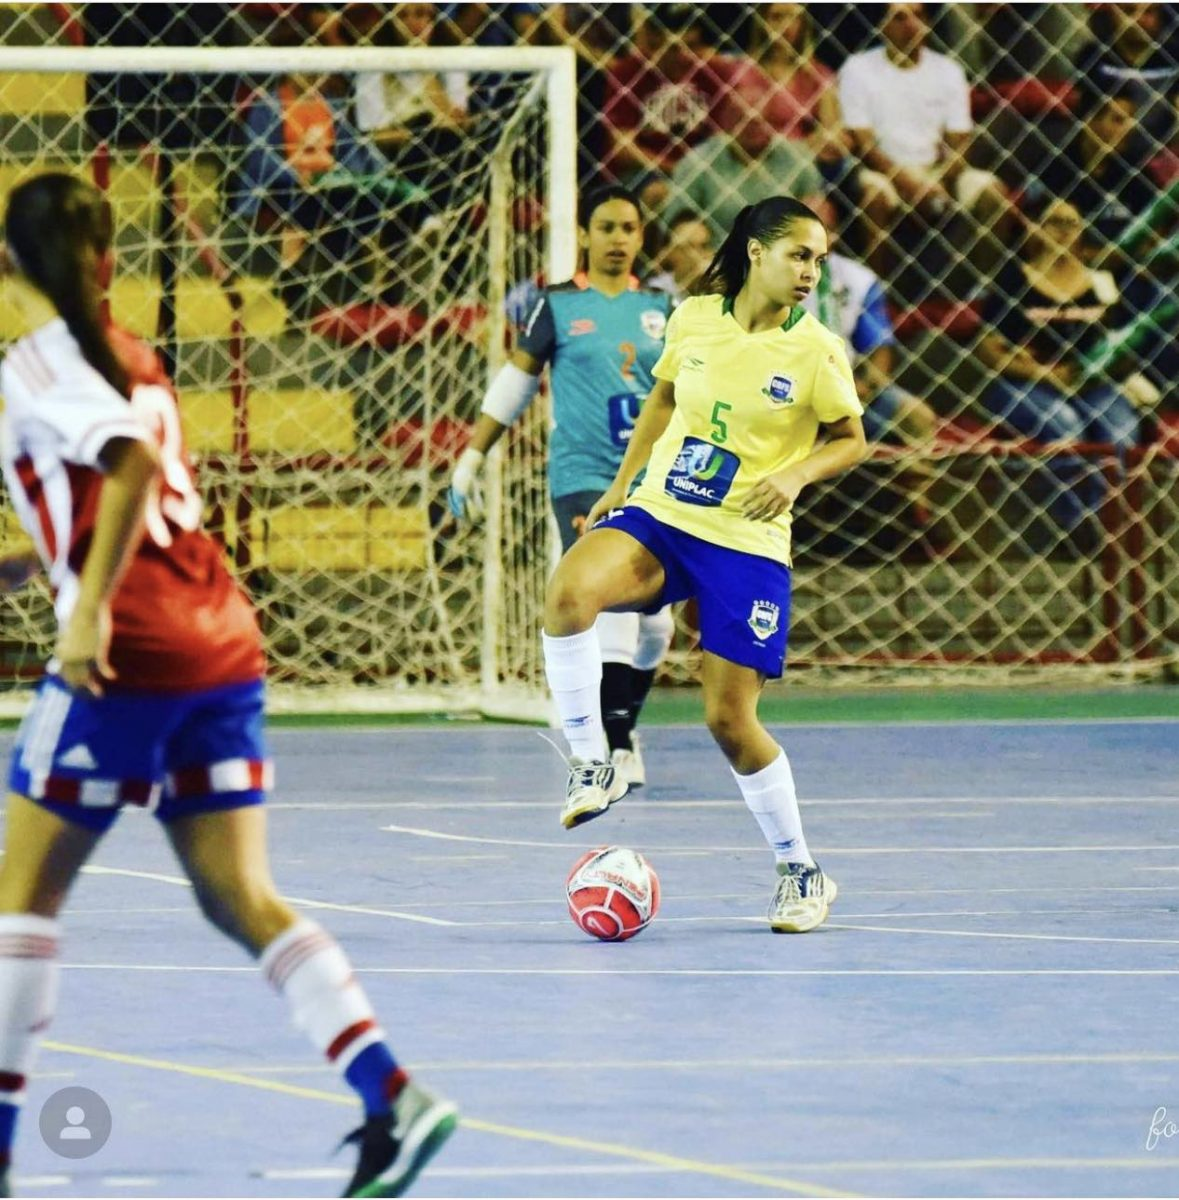 Футболистка из Бразилии пополнила состав нижегородского клуба «Норманочка»